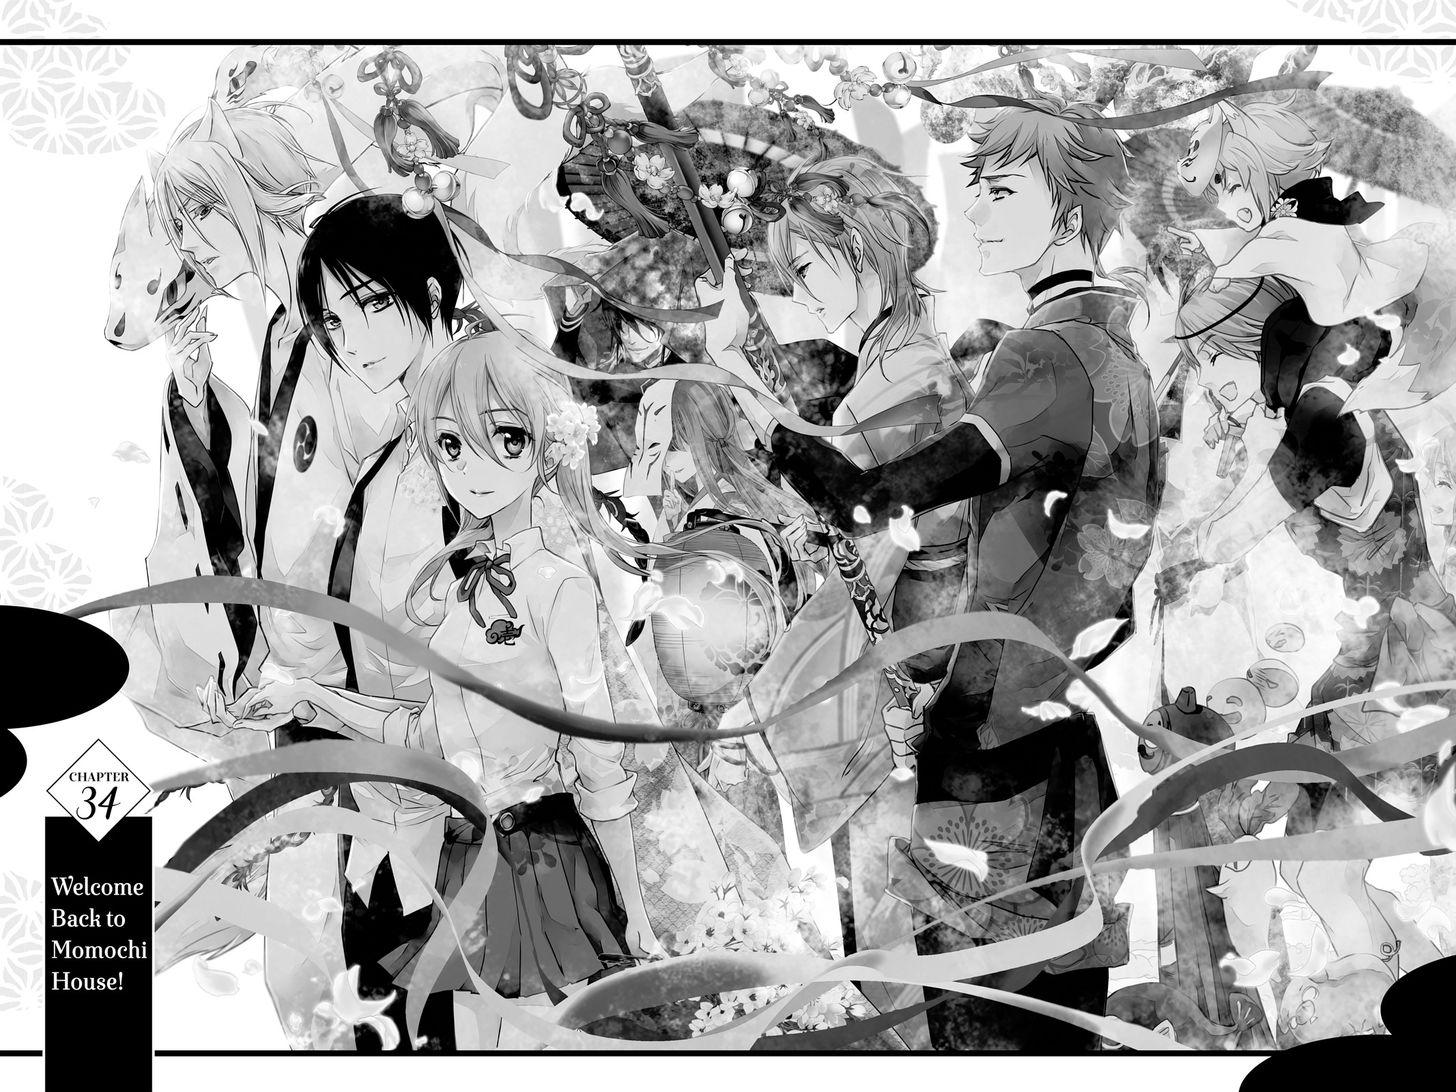 Momochi-san Chi no Ayakashi Ouji 34: Welcome Back to Momochi House! at MangaFox